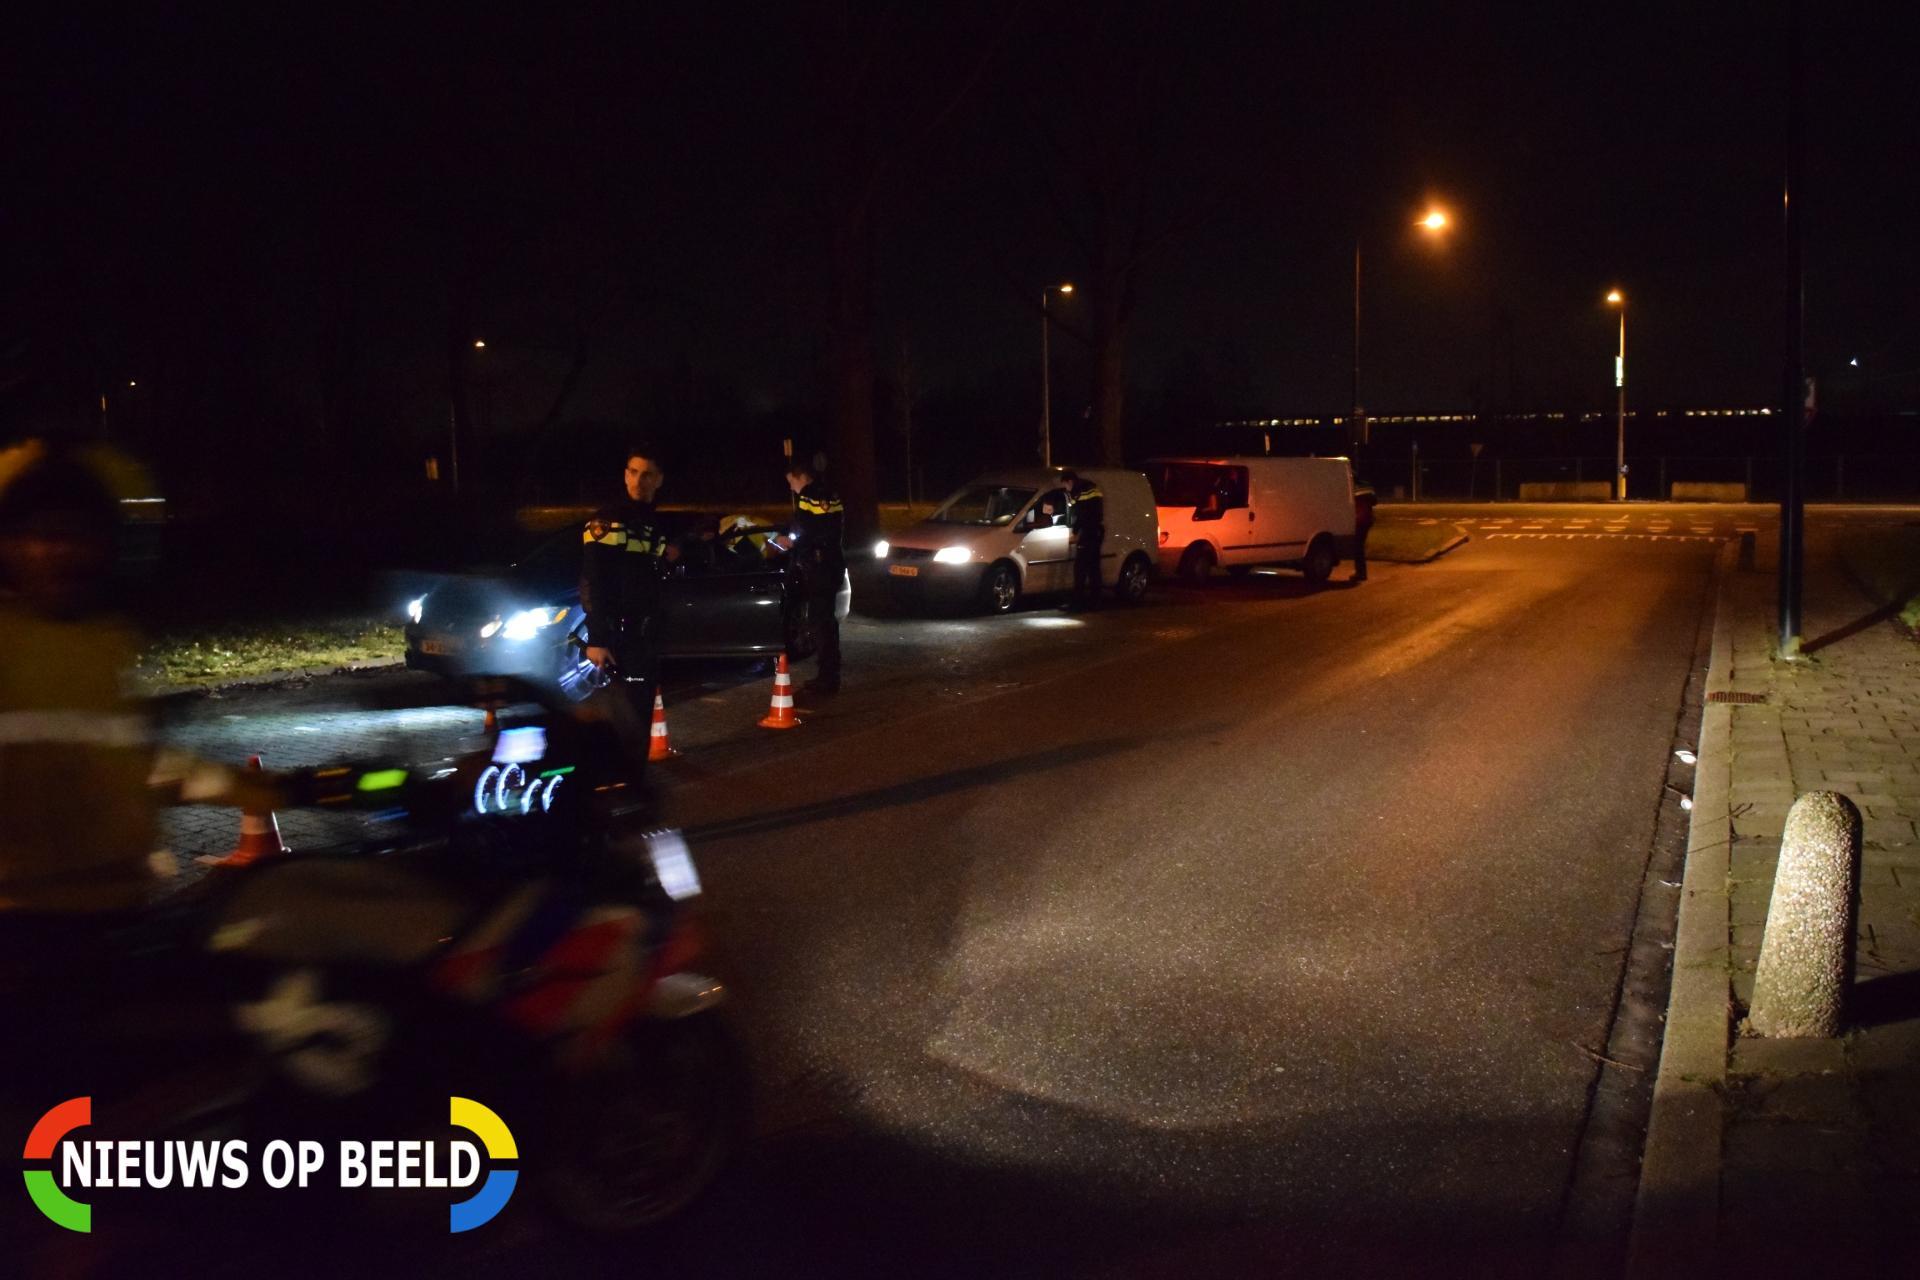 Politie houdt verkeerscontrole Rijsselseweg Gouda